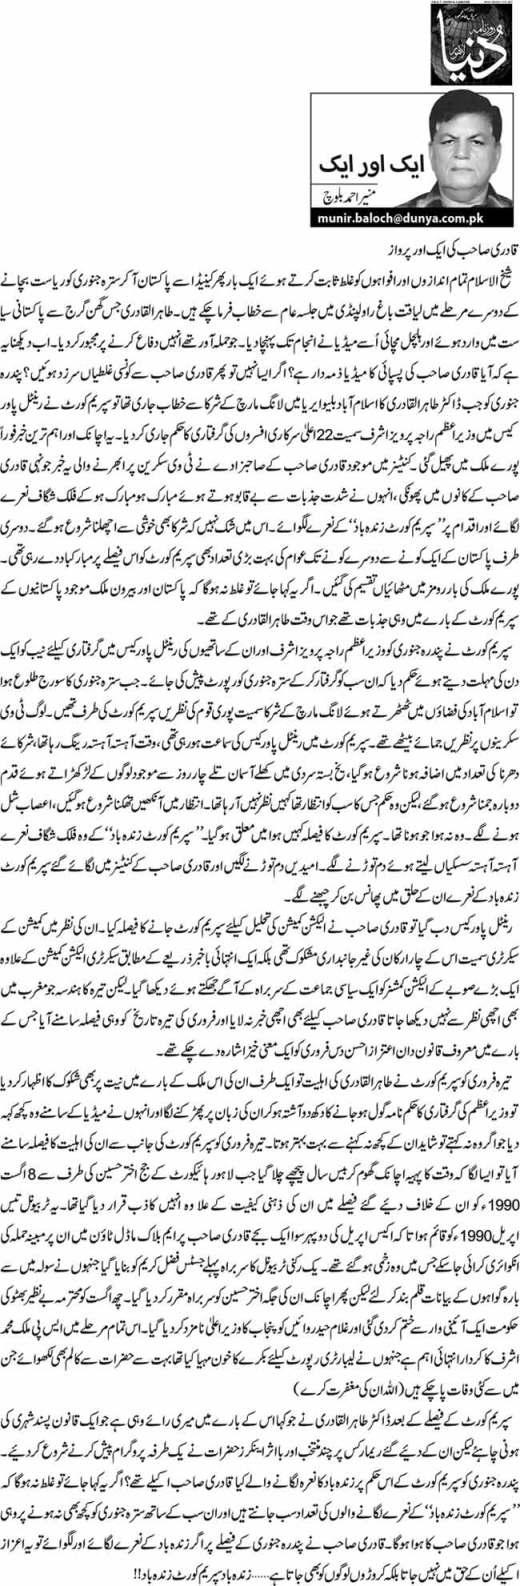 Qadri Sahab Ki Aik Aur Parwaaz - Munir Ahmed Baloch